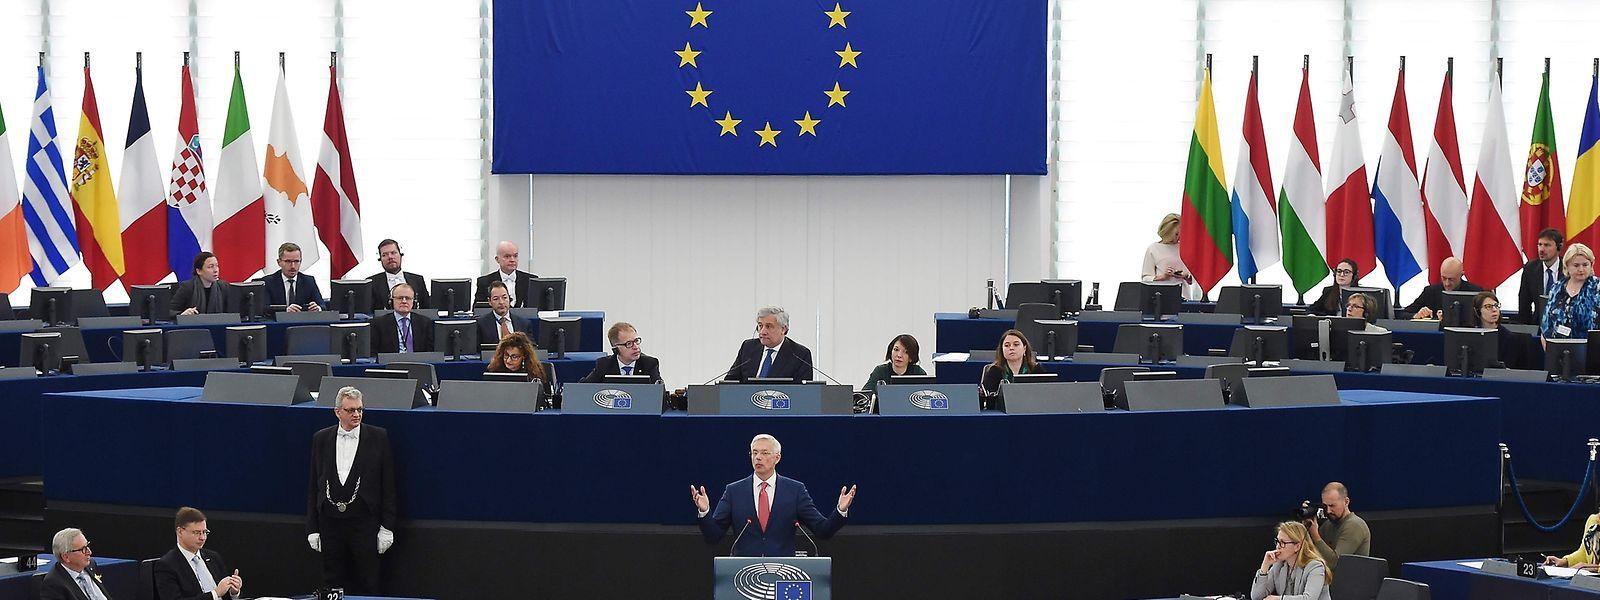 Parlamento Europeu está sediado em Bruxelas, capital belga.